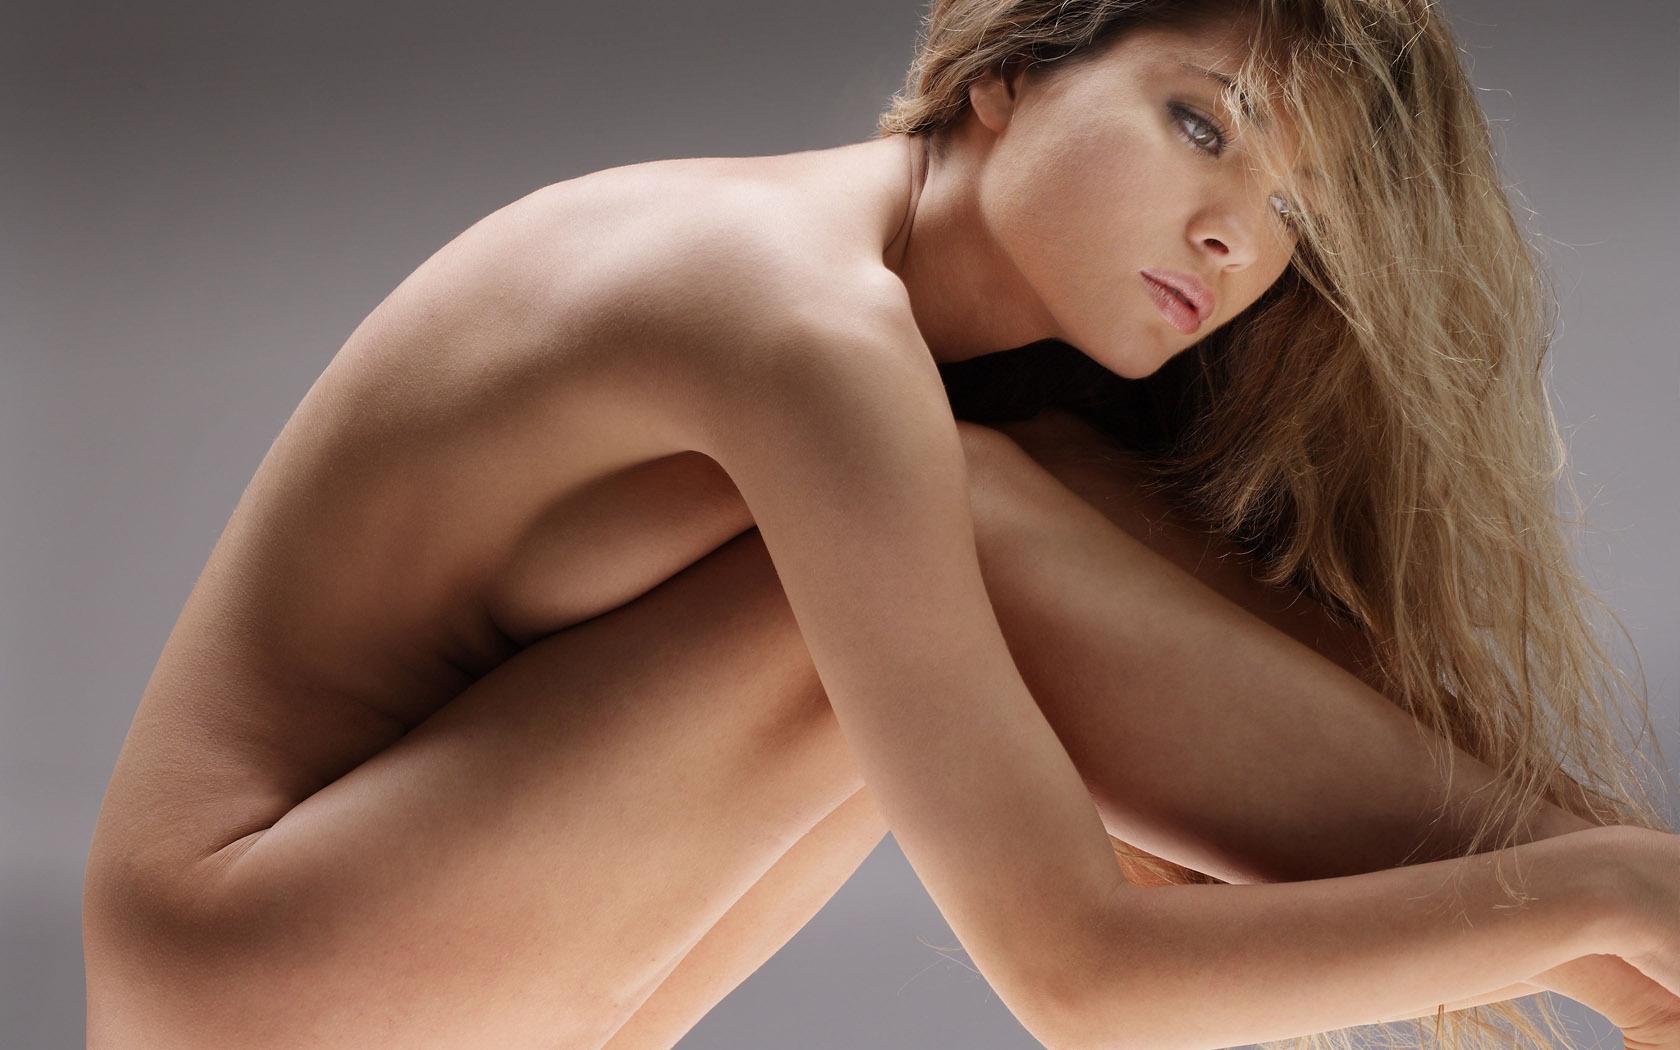 Фото красота обнаженного тела 24 фотография